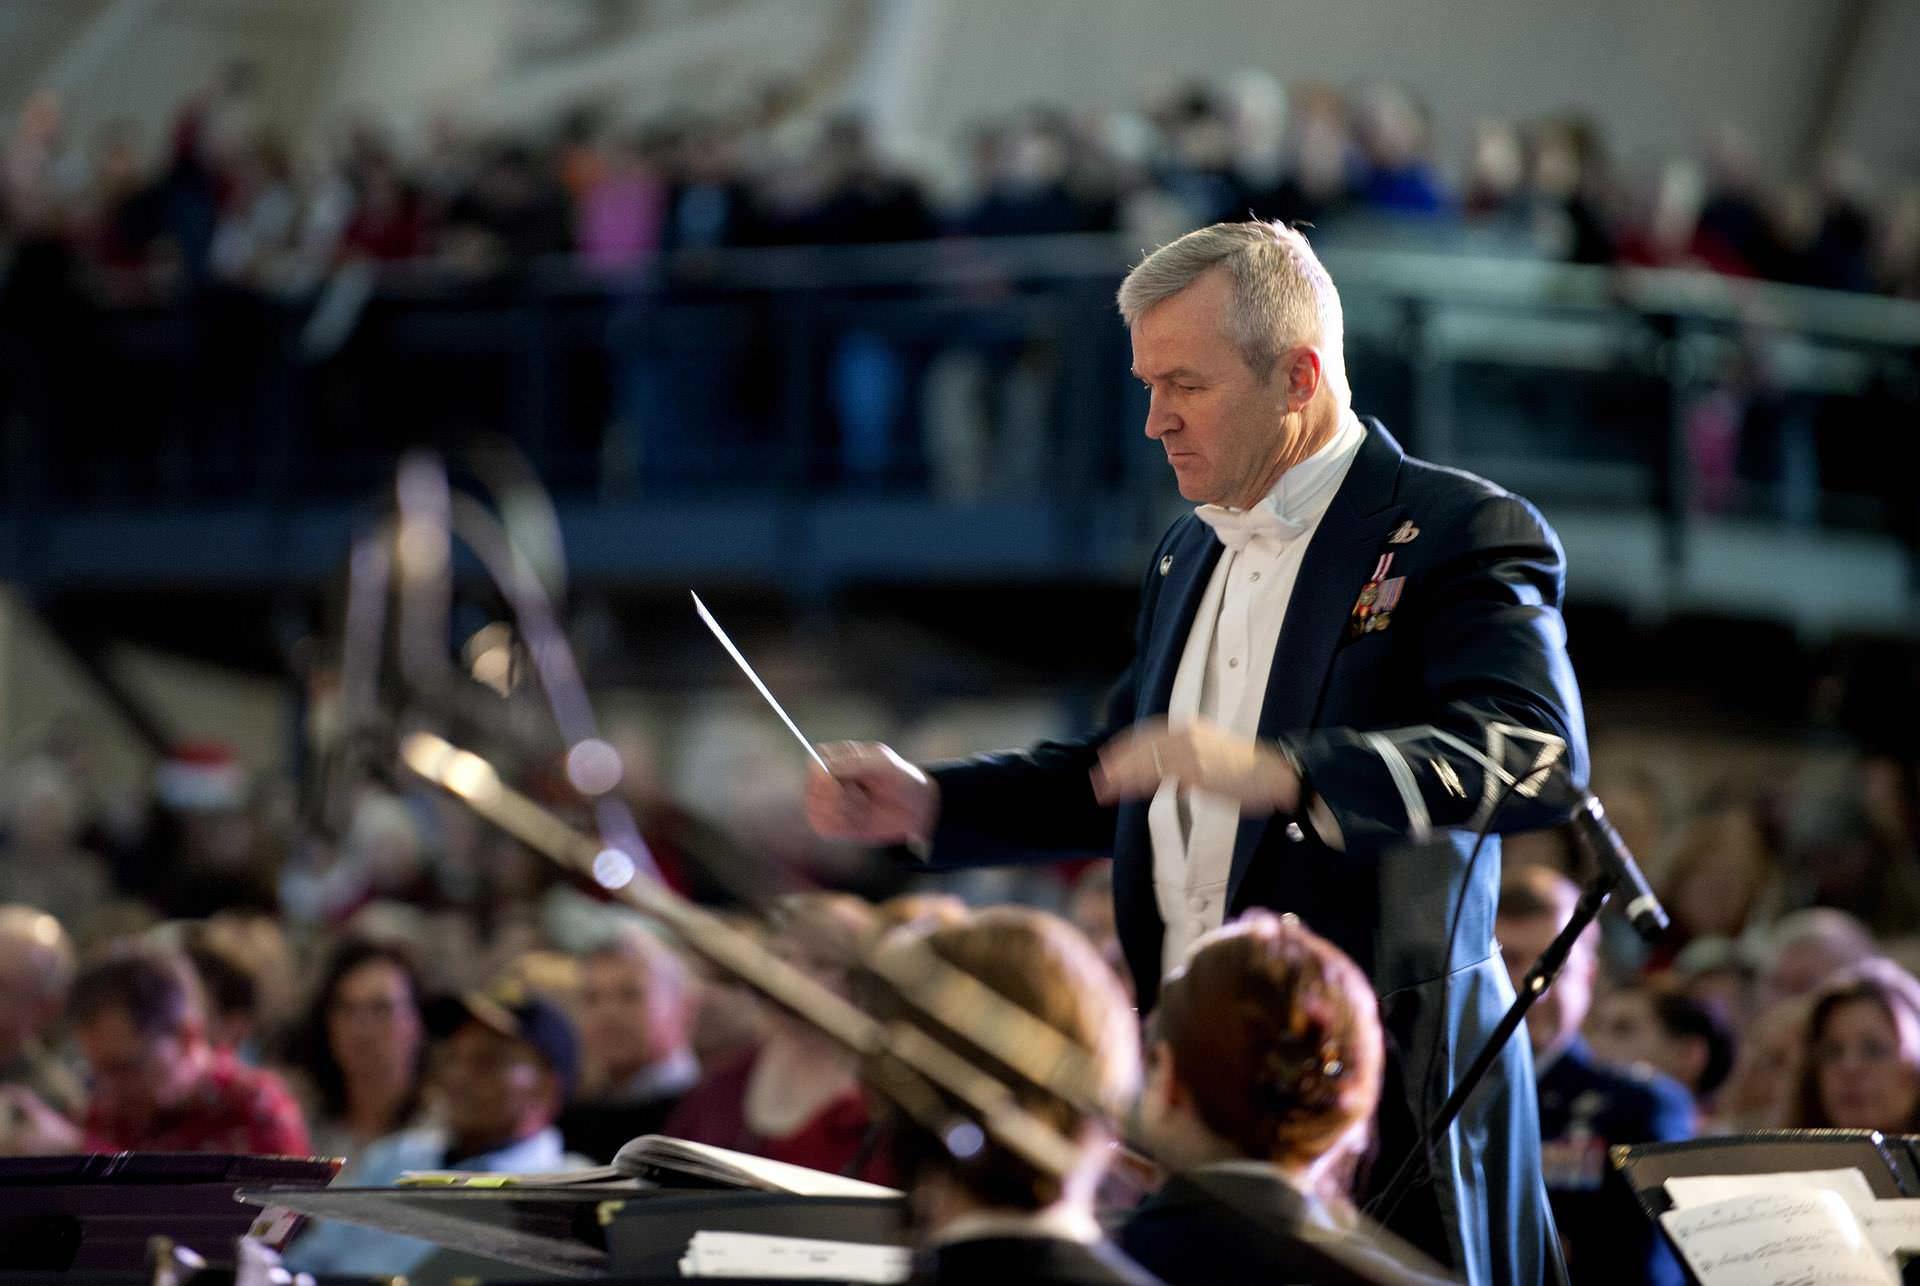 Orchester lernen: Orchester-Unterricht an der JMS